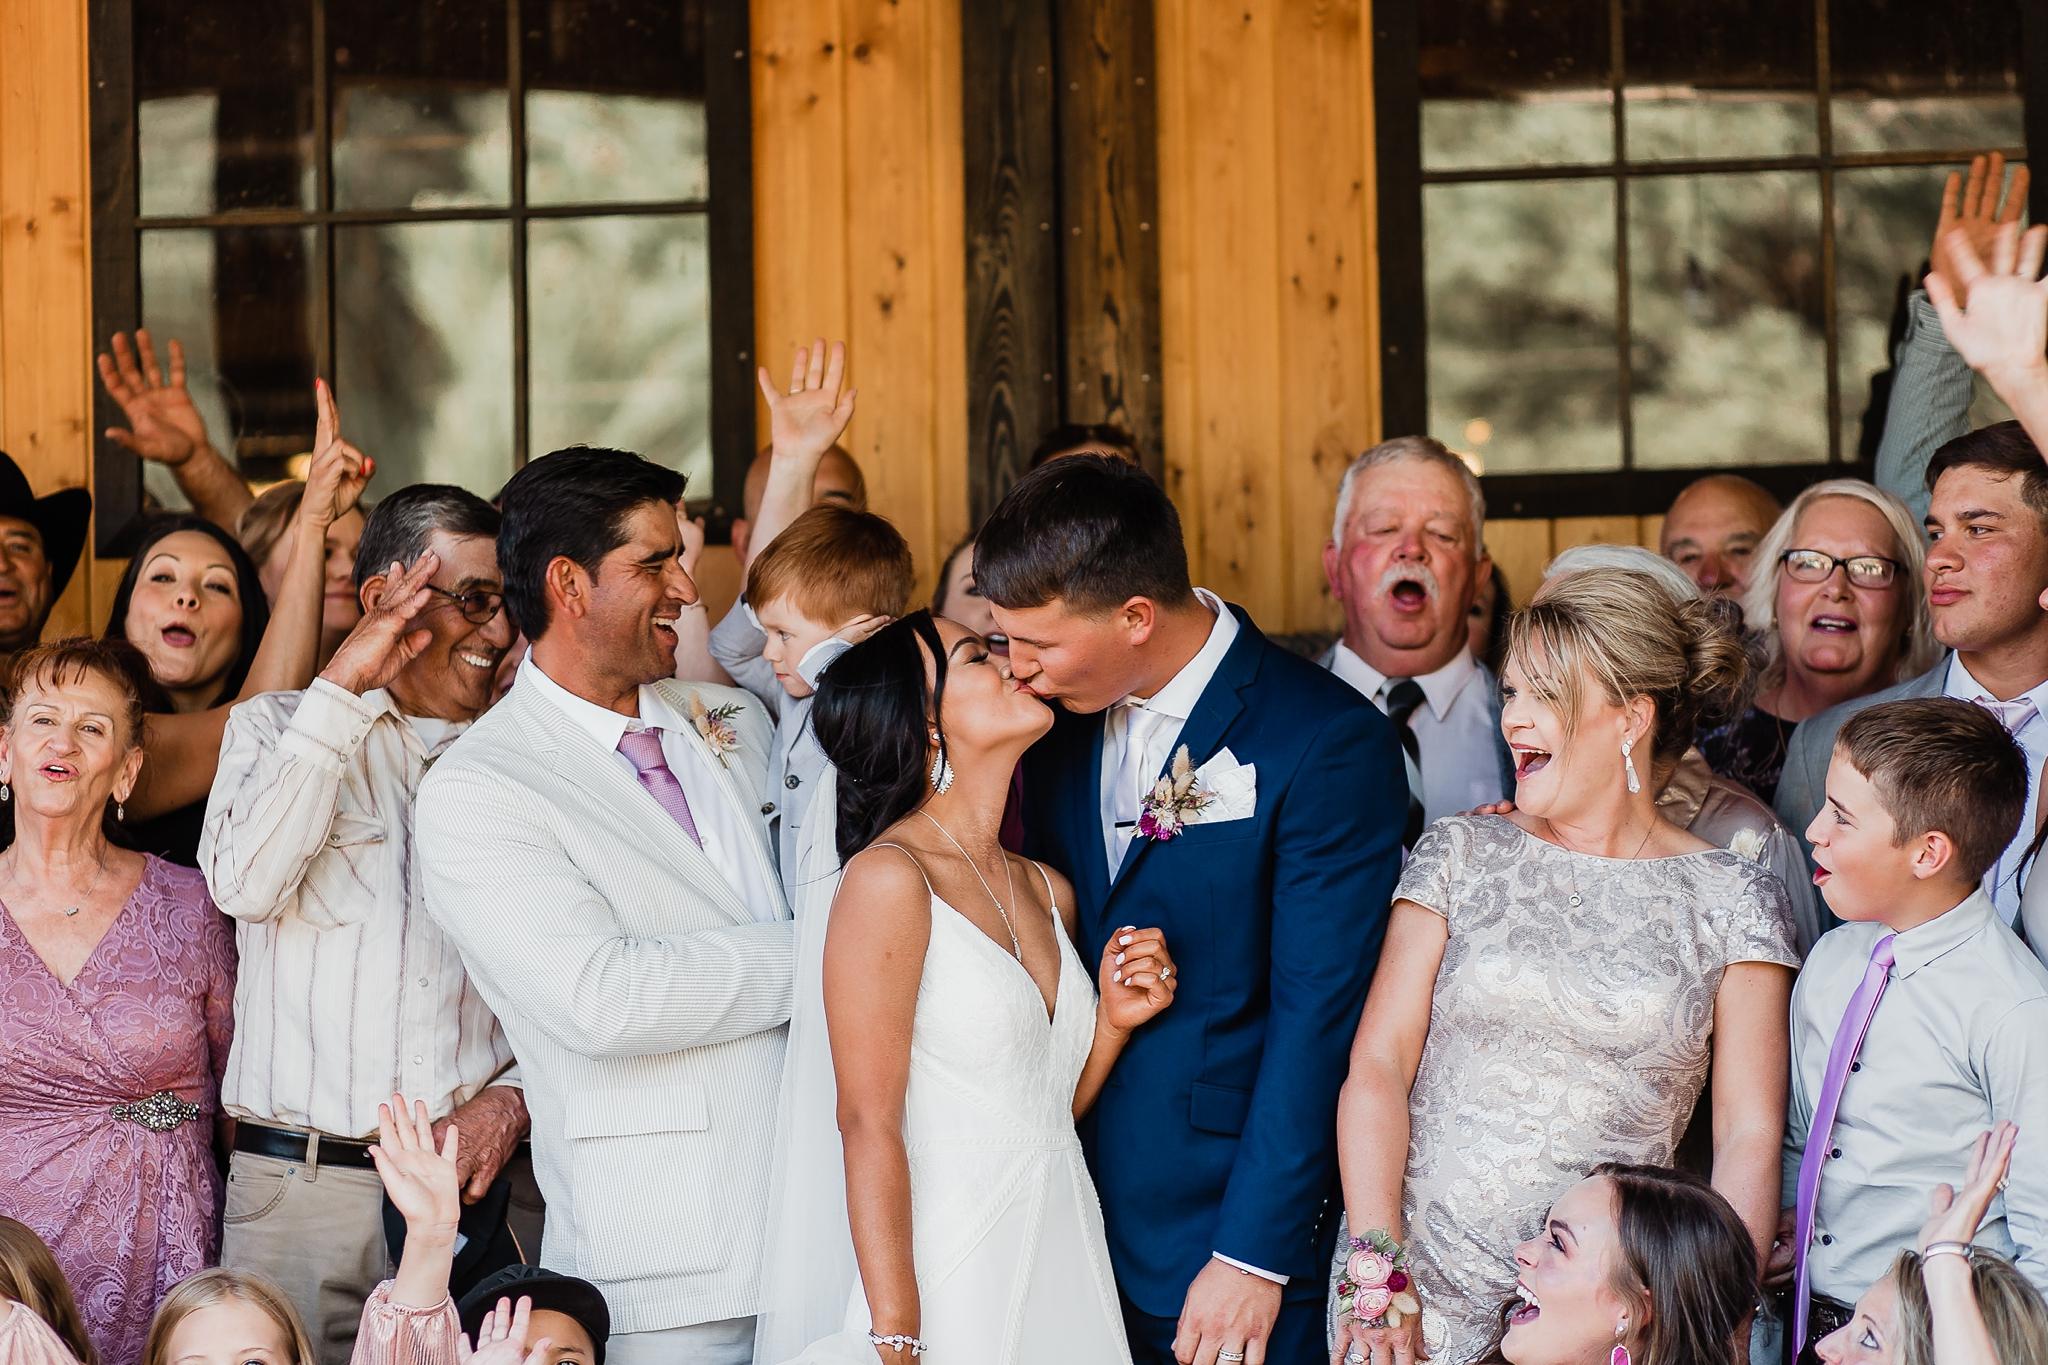 Alicia+lucia+photography+-+albuquerque+wedding+photographer+-+santa+fe+wedding+photography+-+new+mexico+wedding+photographer+-+new+mexico+wedding+-+new+mexico+wedding+-+barn+wedding+-+enchanted+vine+barn+wedding+-+ruidoso+wedding_0114.jpg